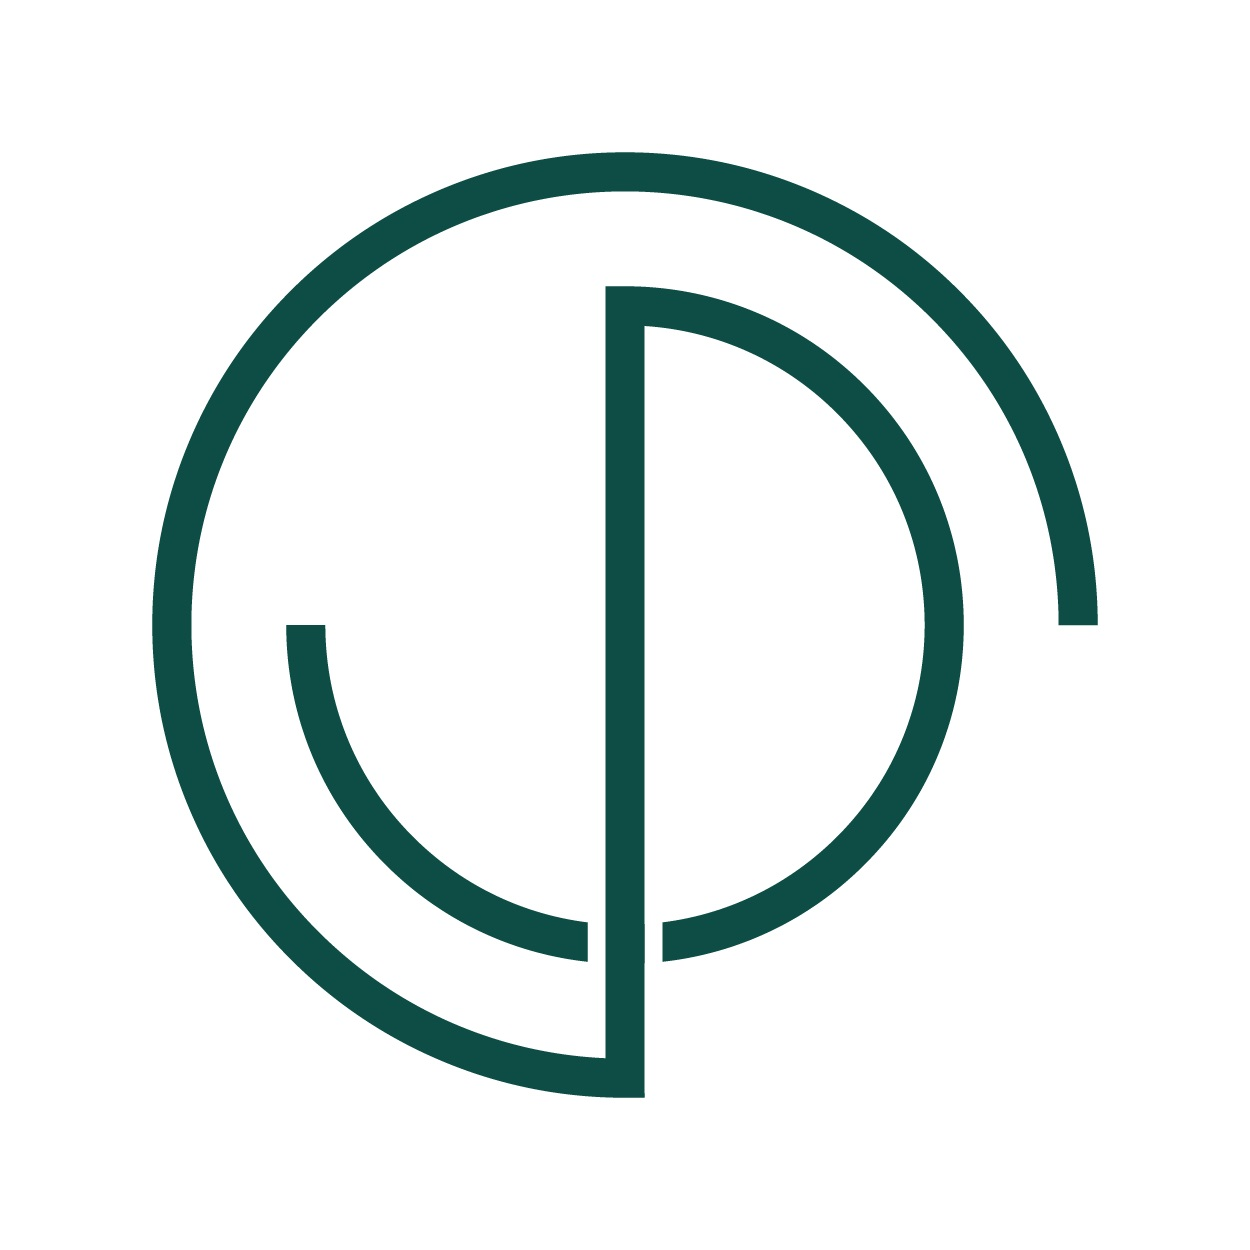 Pejoni (endast ikon)